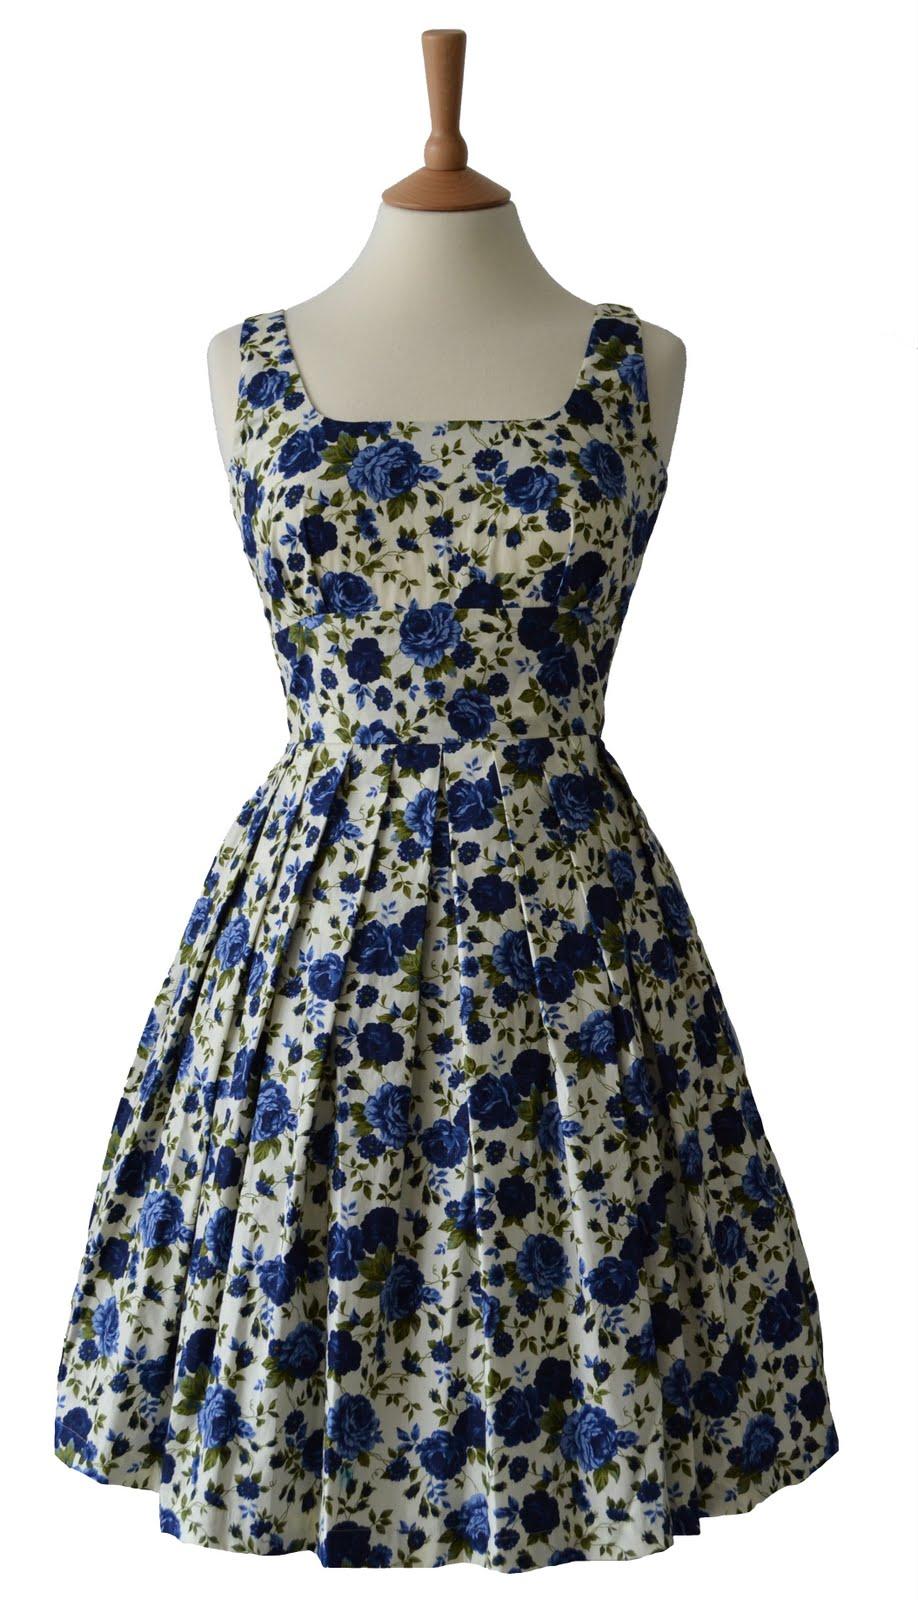 1950s vintage style dress 7 vintage style dress woman fashion. Black Bedroom Furniture Sets. Home Design Ideas